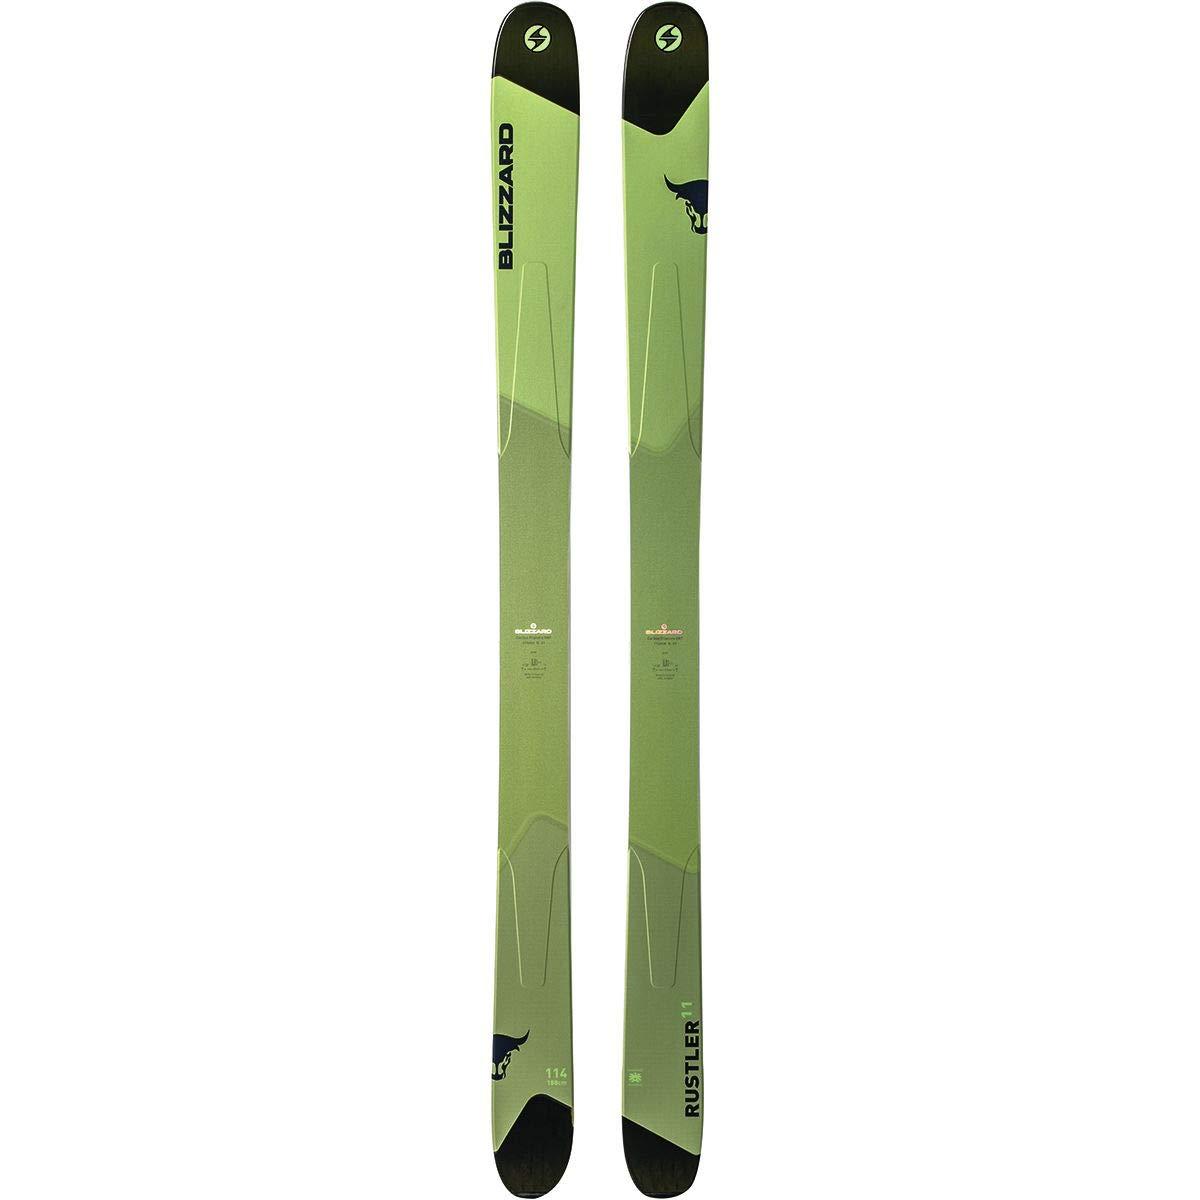 2019 Blizzard Rustler 11 Skis